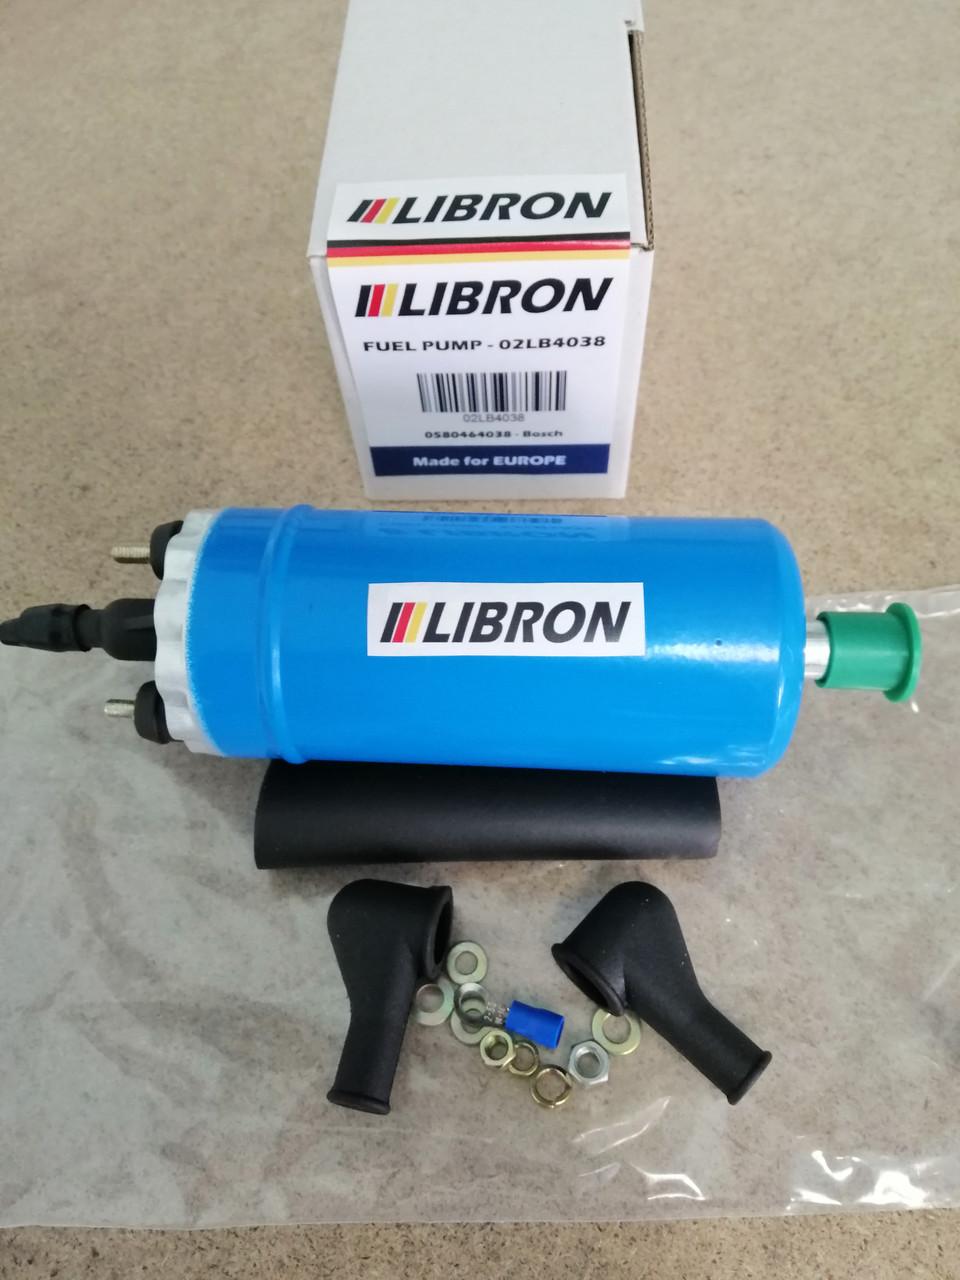 Бензонасос LIBRON 02LB4038 - БМВ 7 (E23) 728 i (1978-1986)